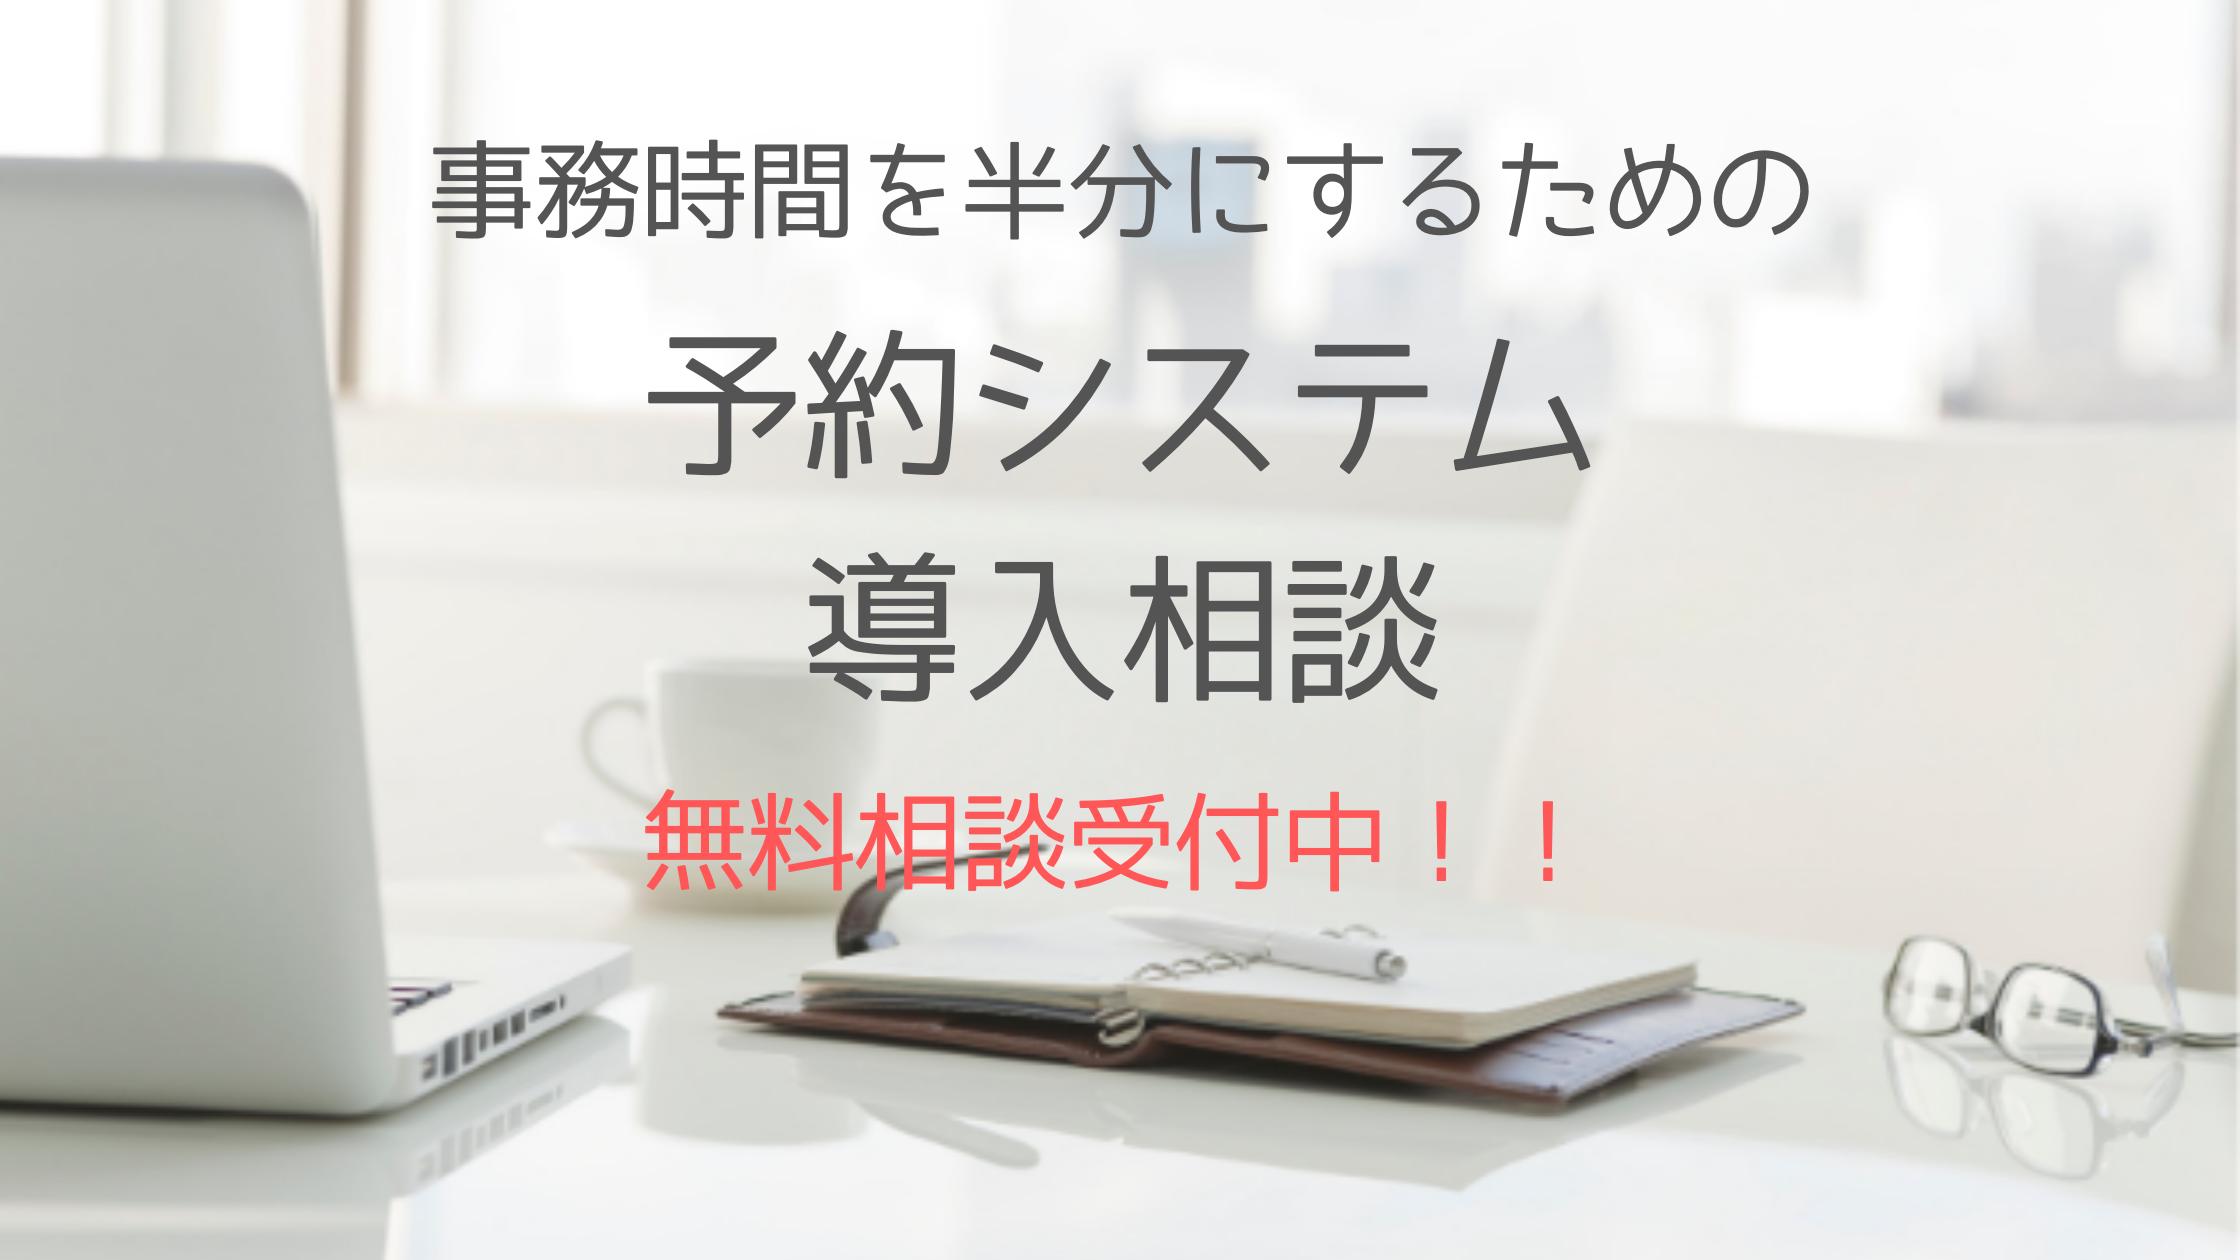 提供中メニューバナー (6)